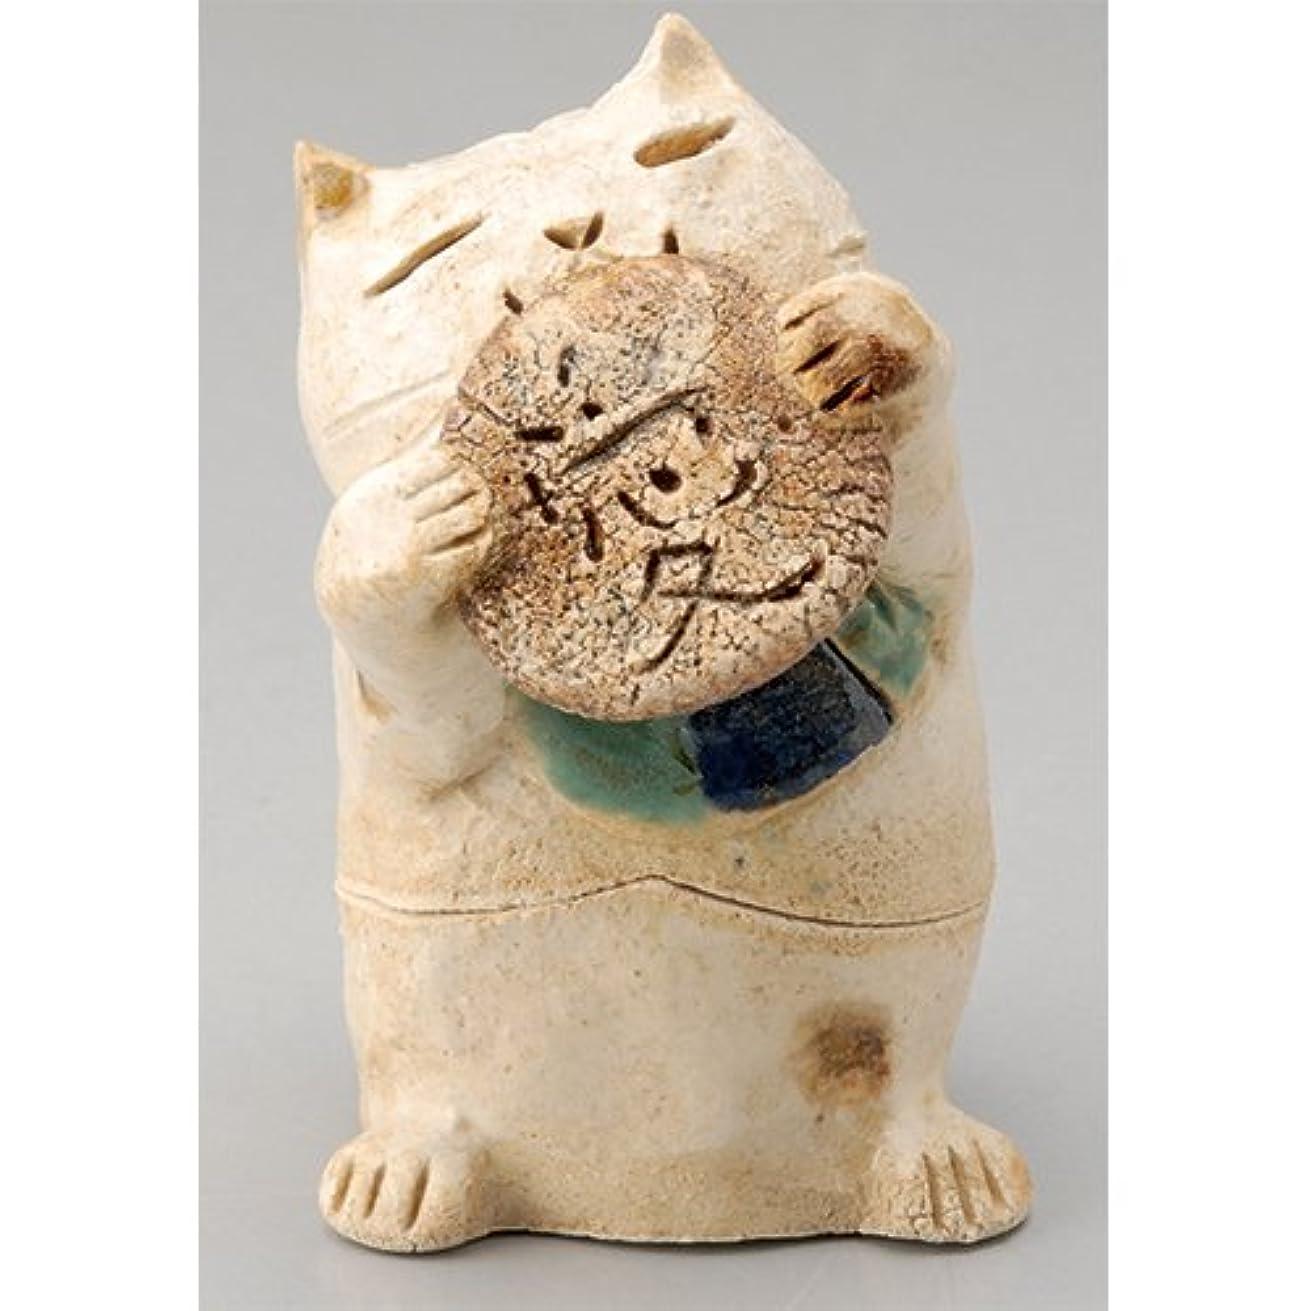 締め切り欠伸ディスコ香炉 ごえん猫 香炉(愛) [H8cm] HANDMADE プレゼント ギフト 和食器 かわいい インテリア